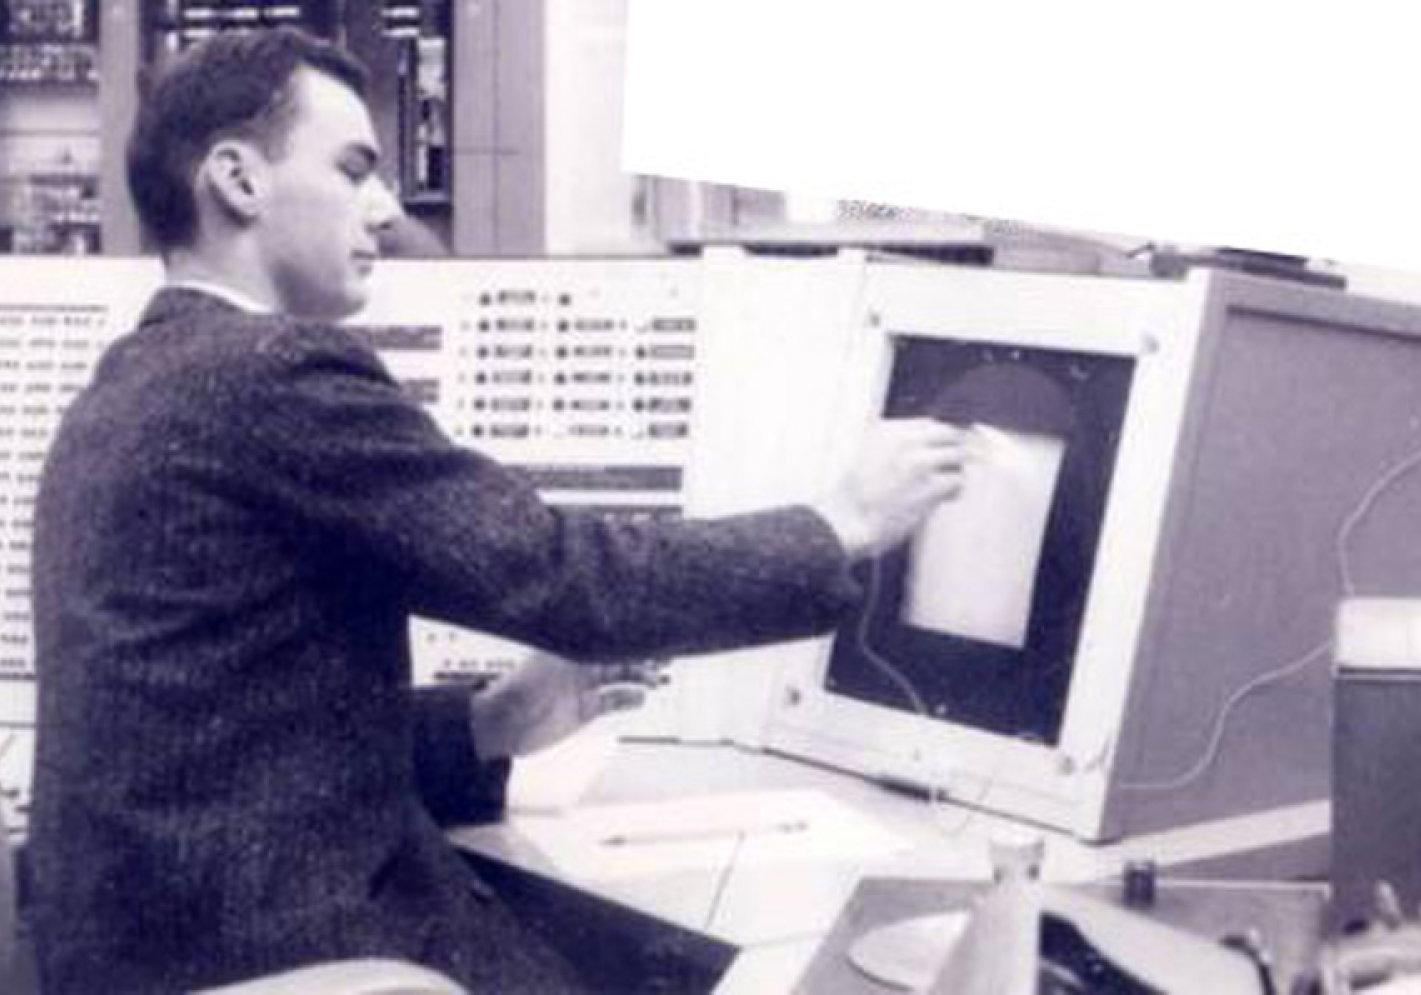 پدر اینترنت پیشرو در سن ۸۱ سالگی درگذشت